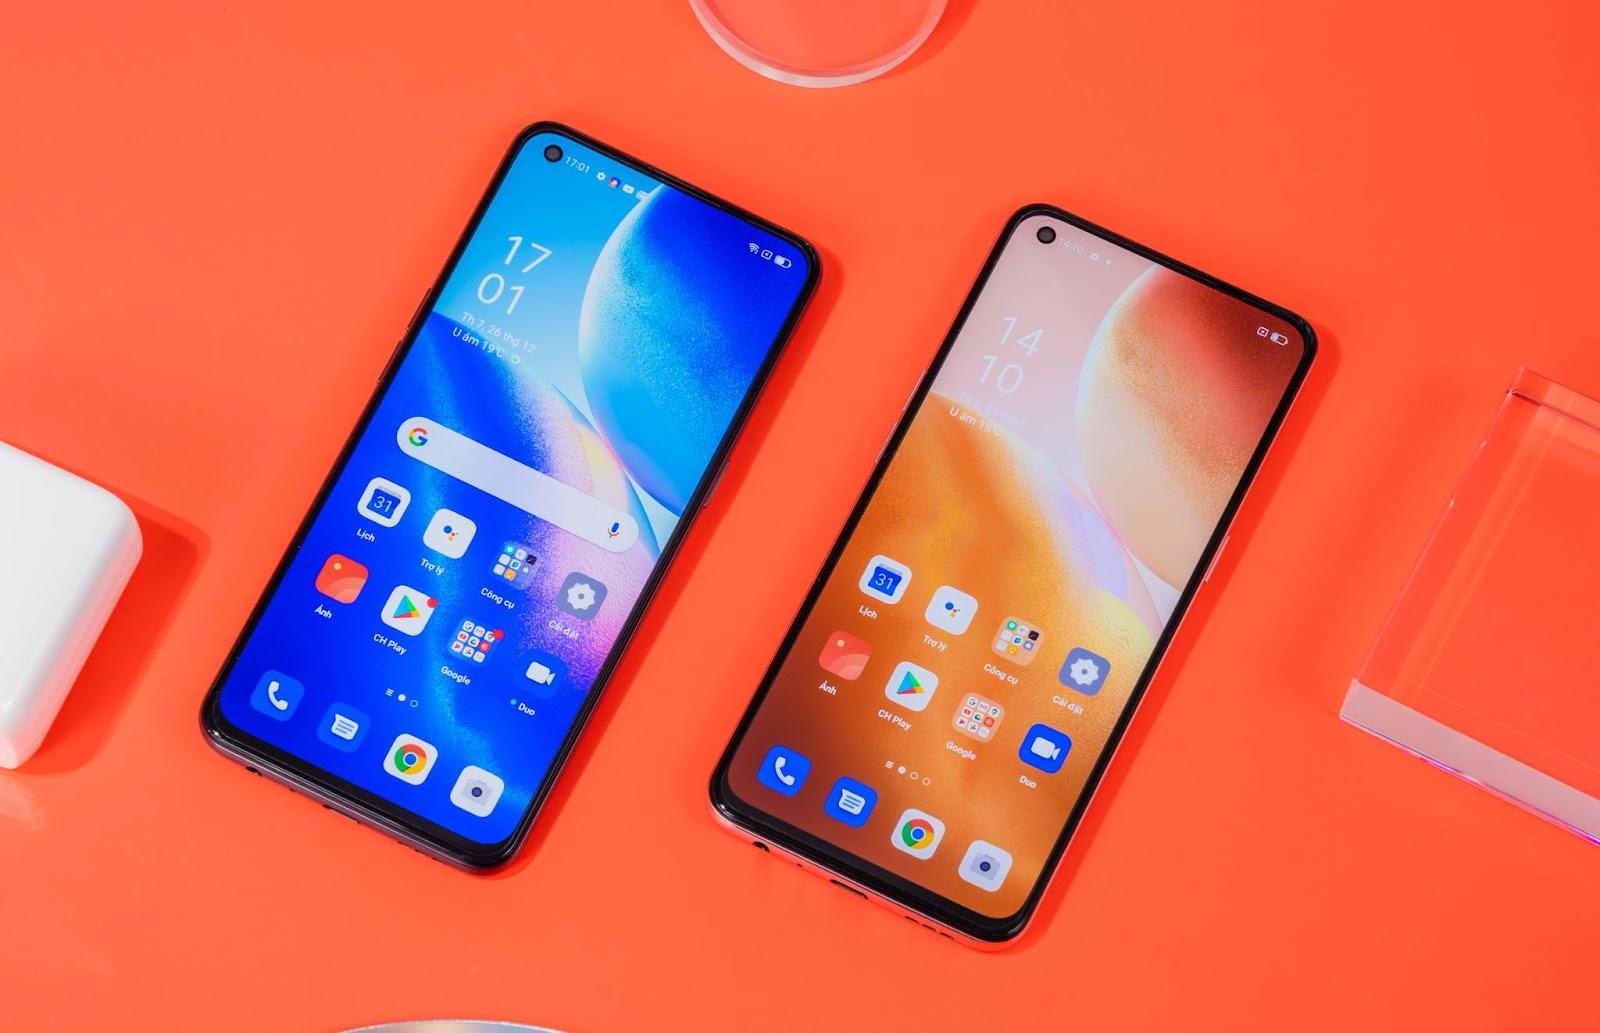 """Thiếu chip toàn cầu, smartphone liệu có tăng giá """"chóng mặt"""" tại Việt Nam như laptop? - Ảnh 1."""